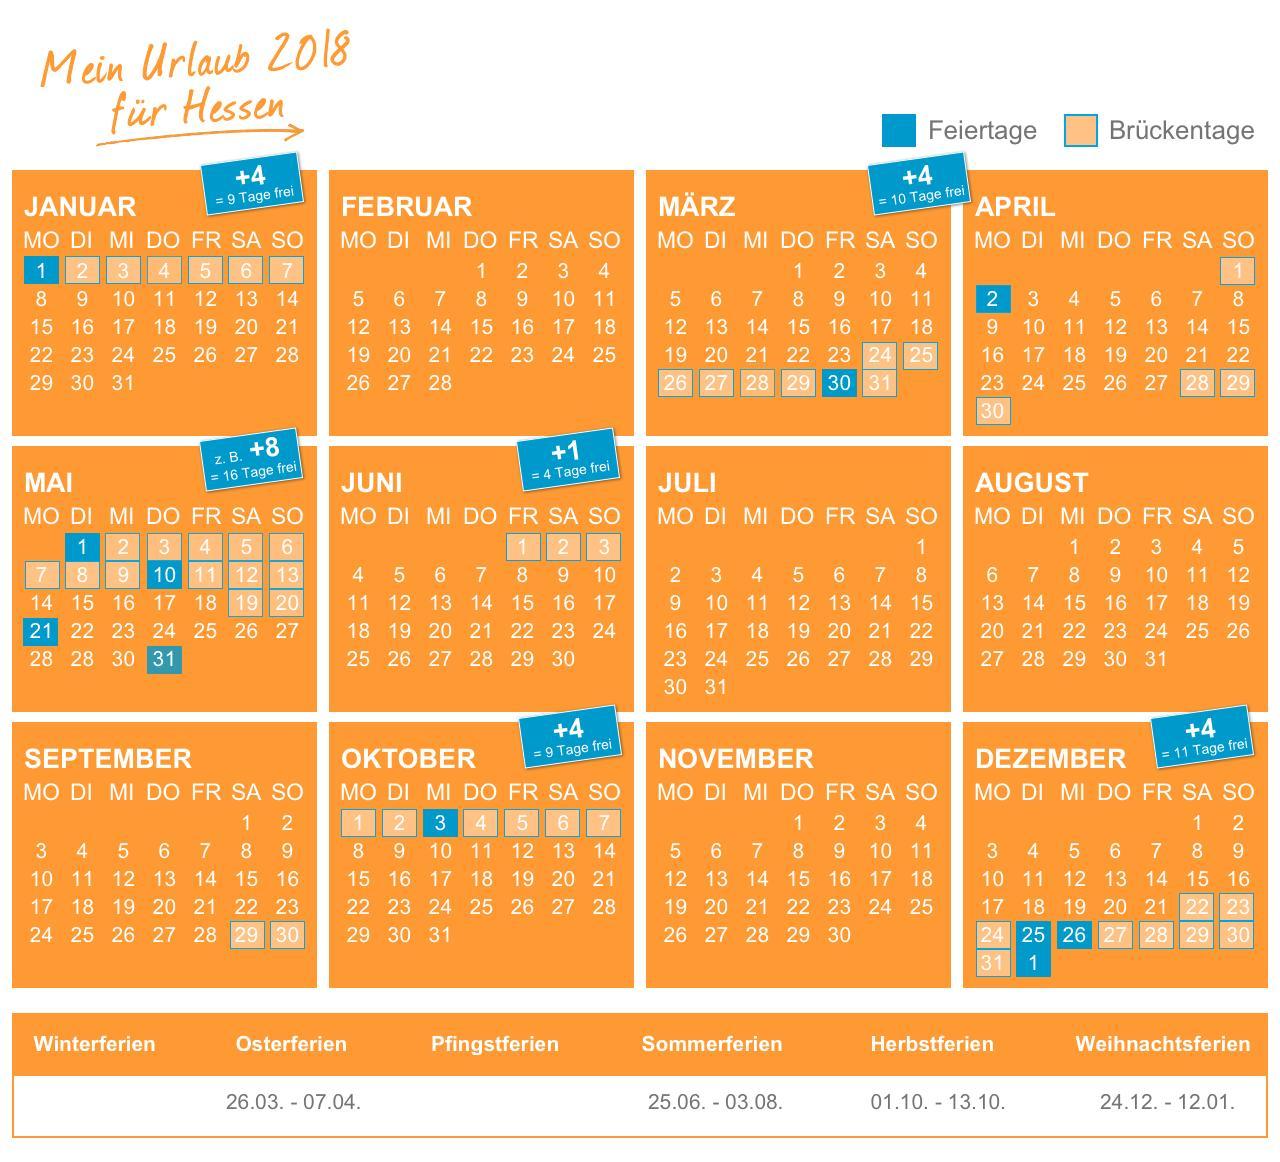 urlaubsplaner-brueckentagsplaner-ferien-feiertage-hessen